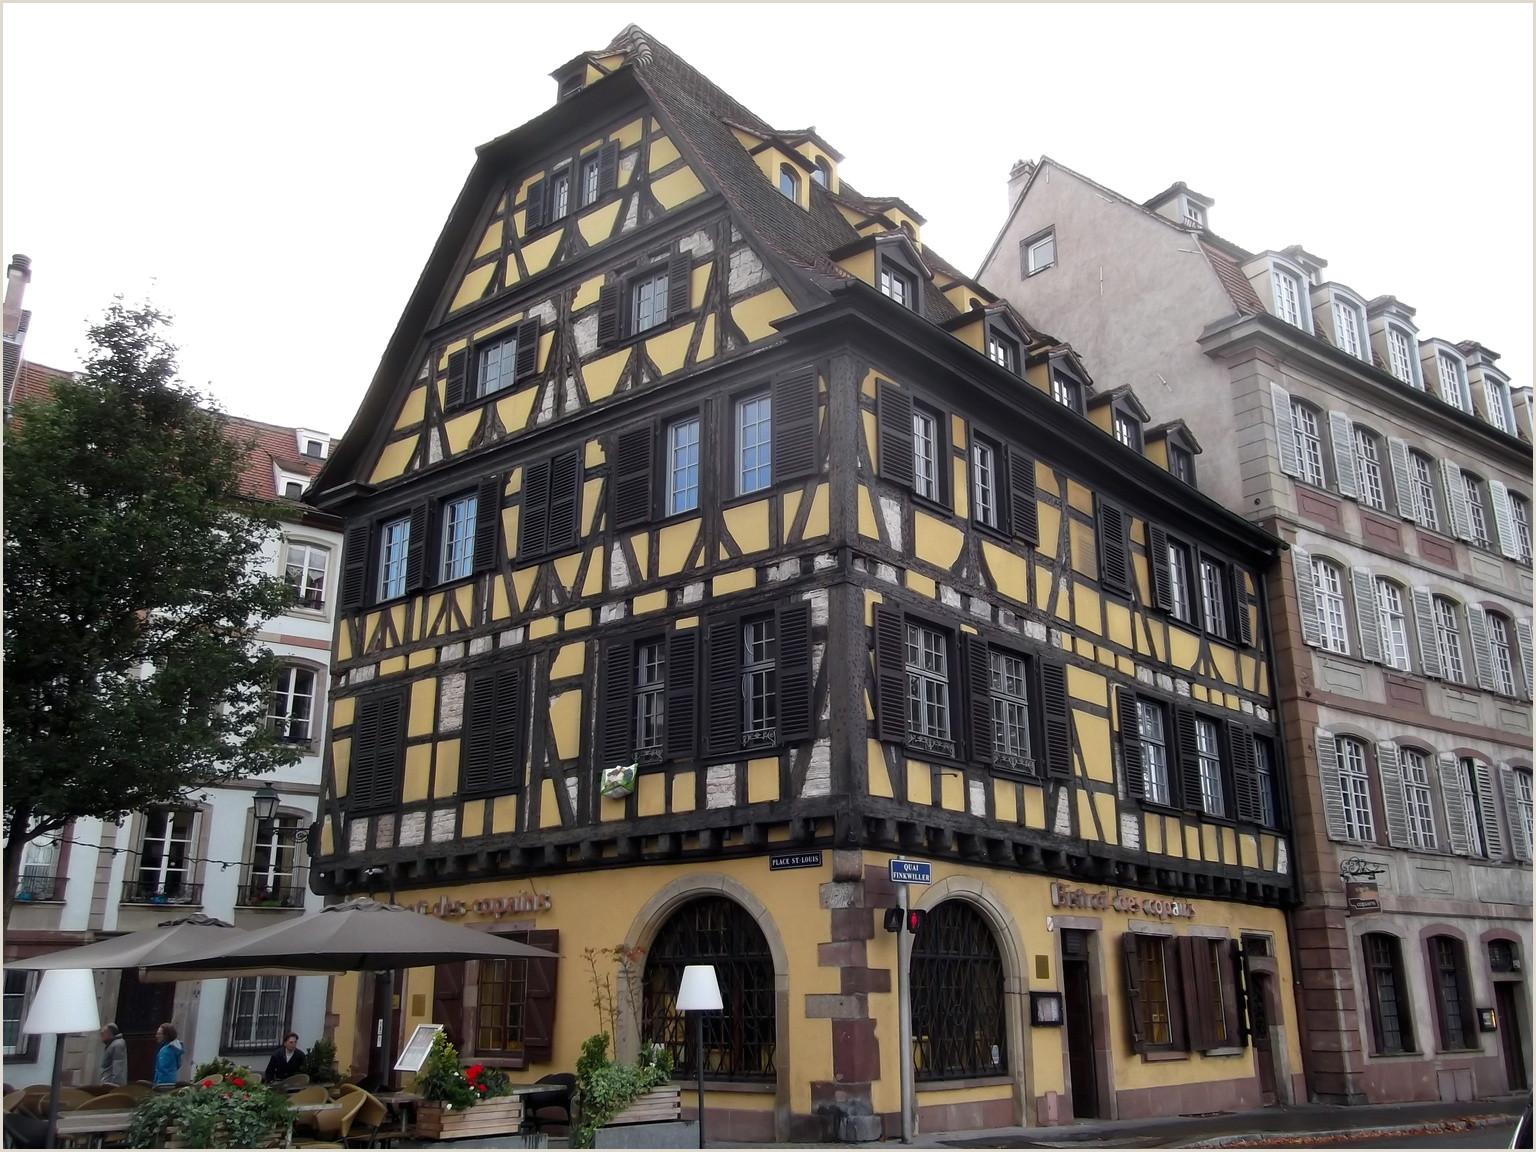 Maisons de Strasbourg 12 quai Finkwiller